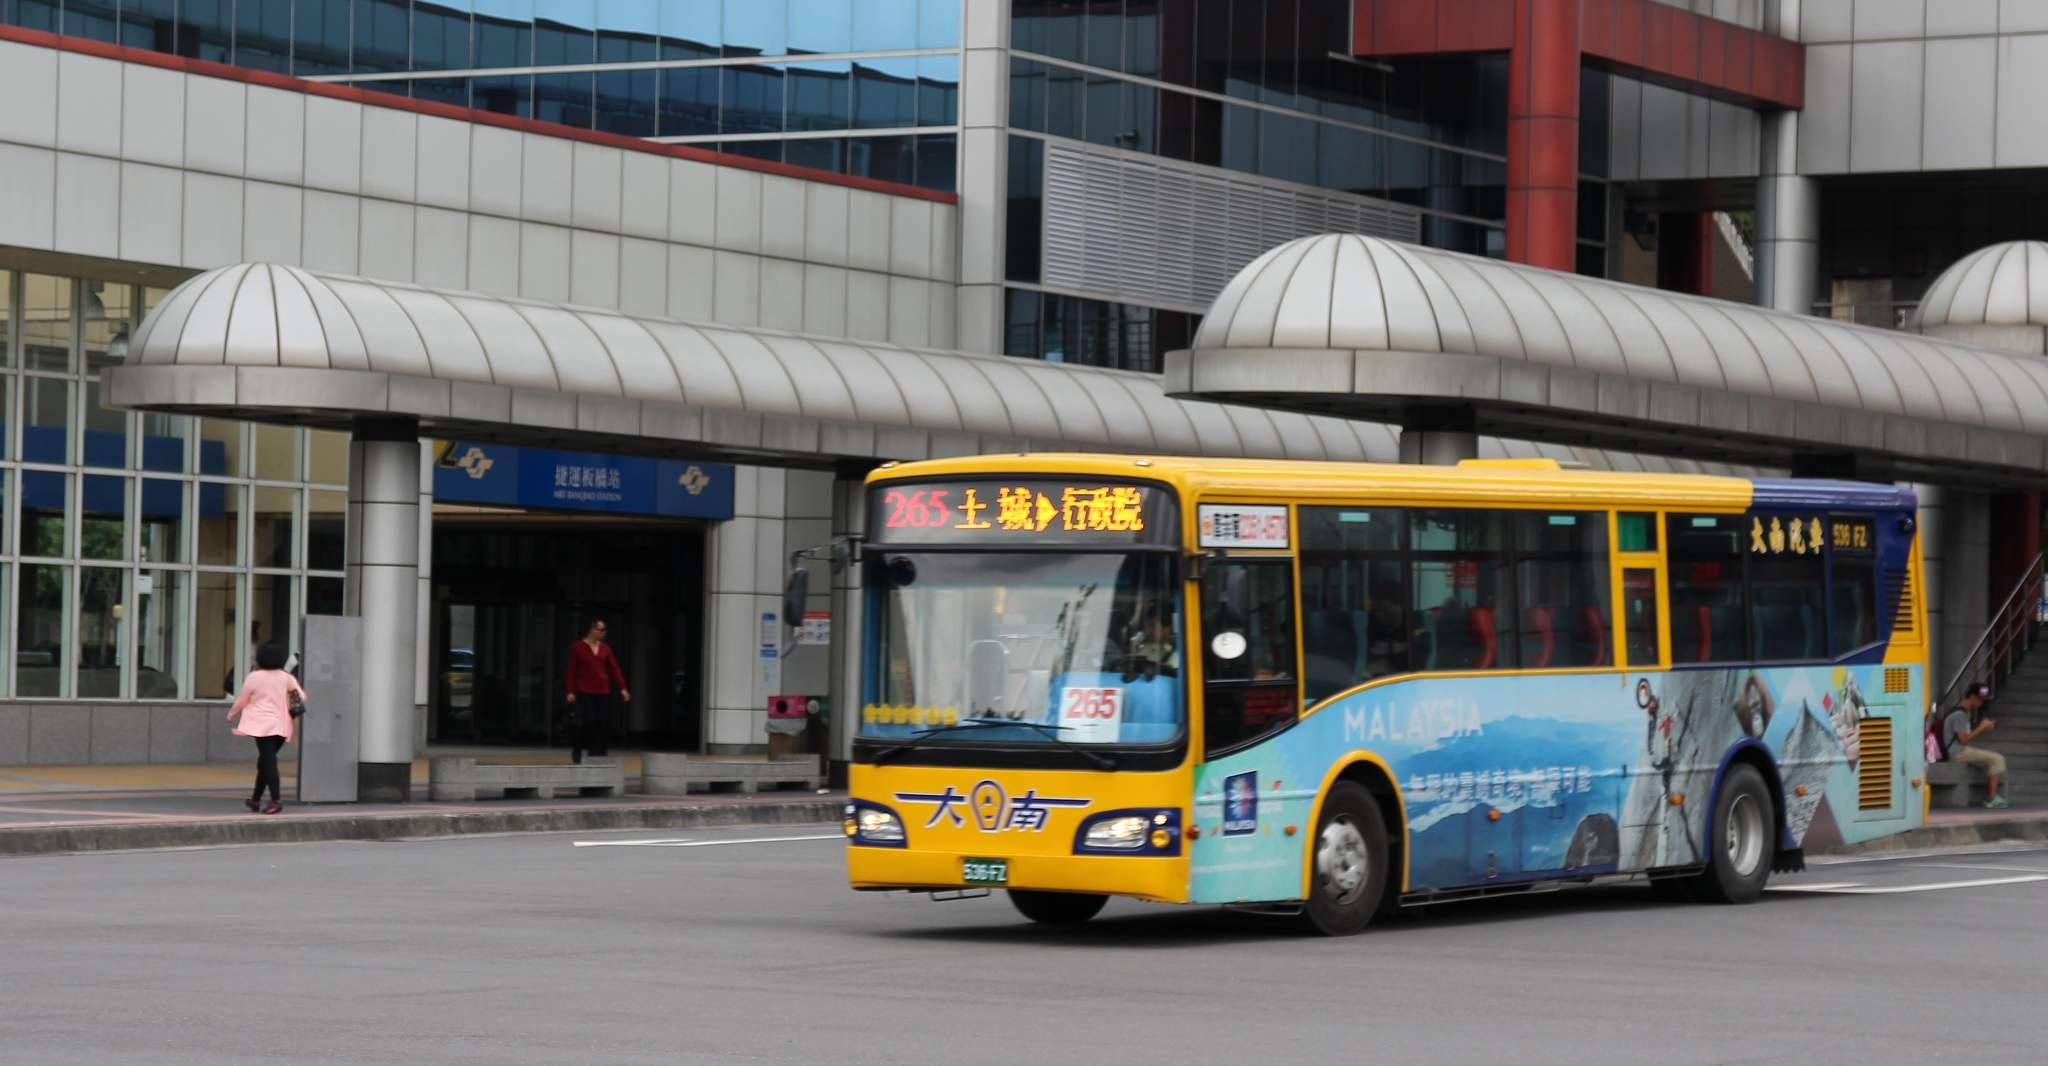 File:台北聯營公車265(大南汽車) 536-FZ 20140820.